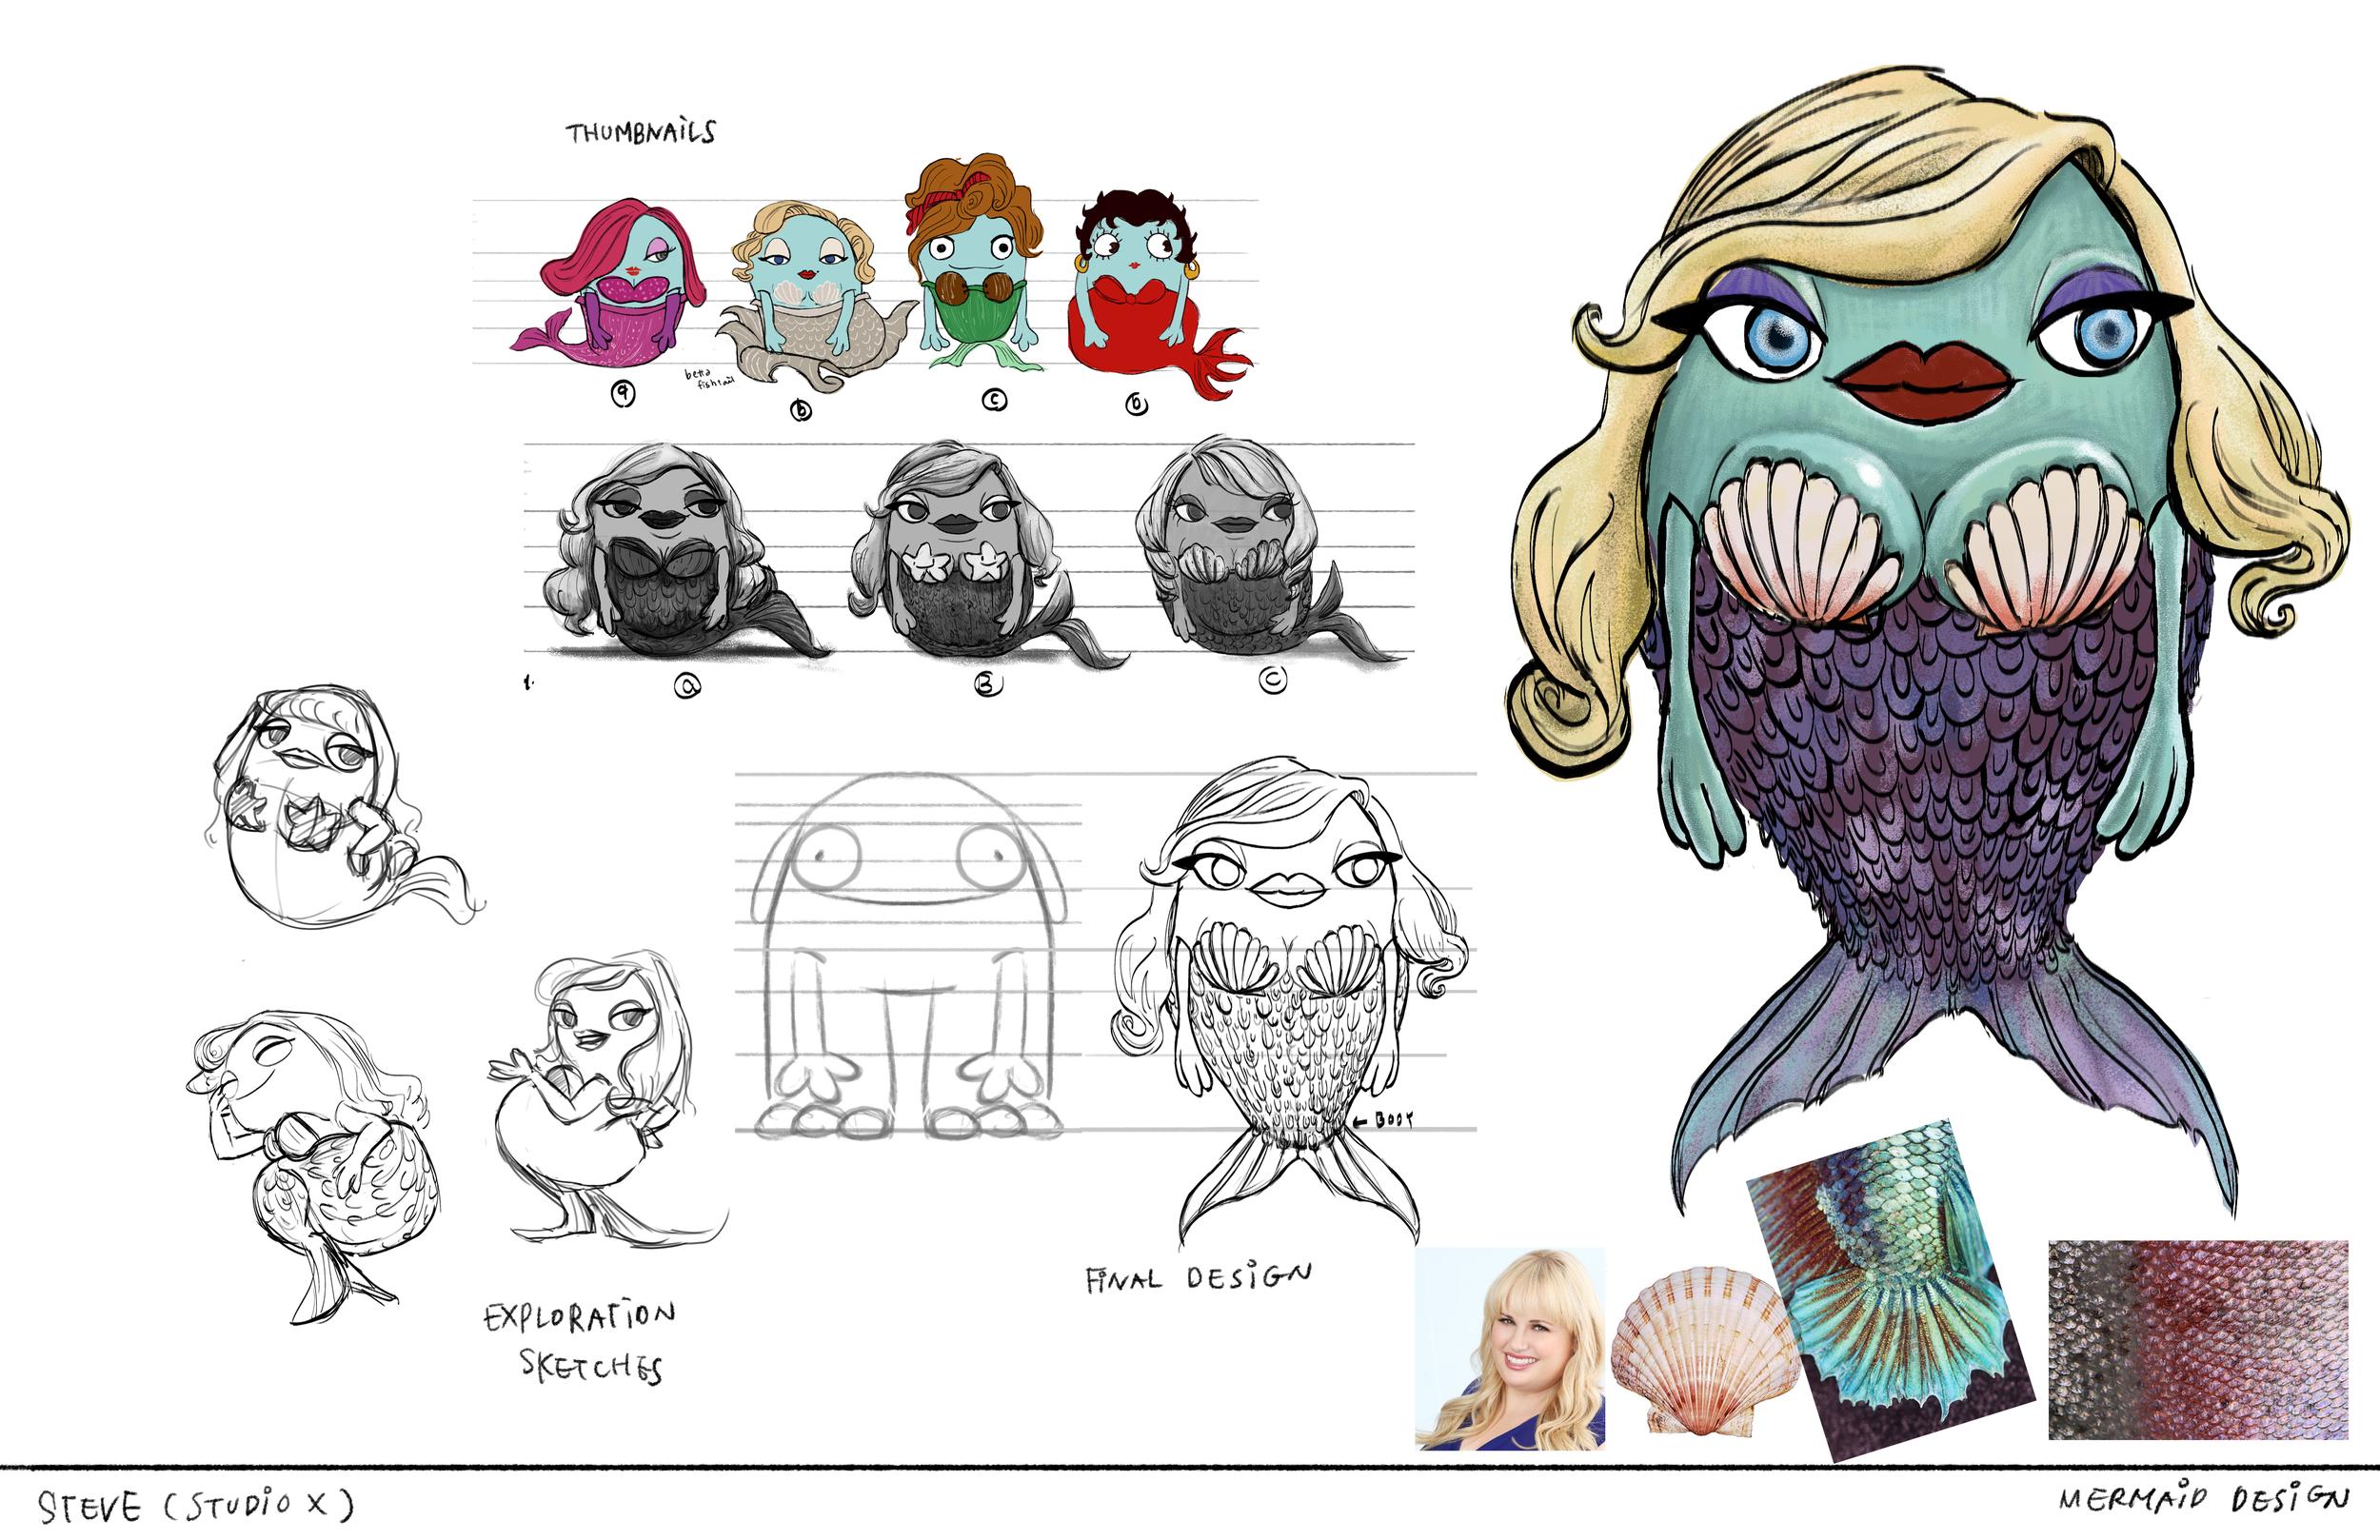 Mermaid_FinalDesign.png